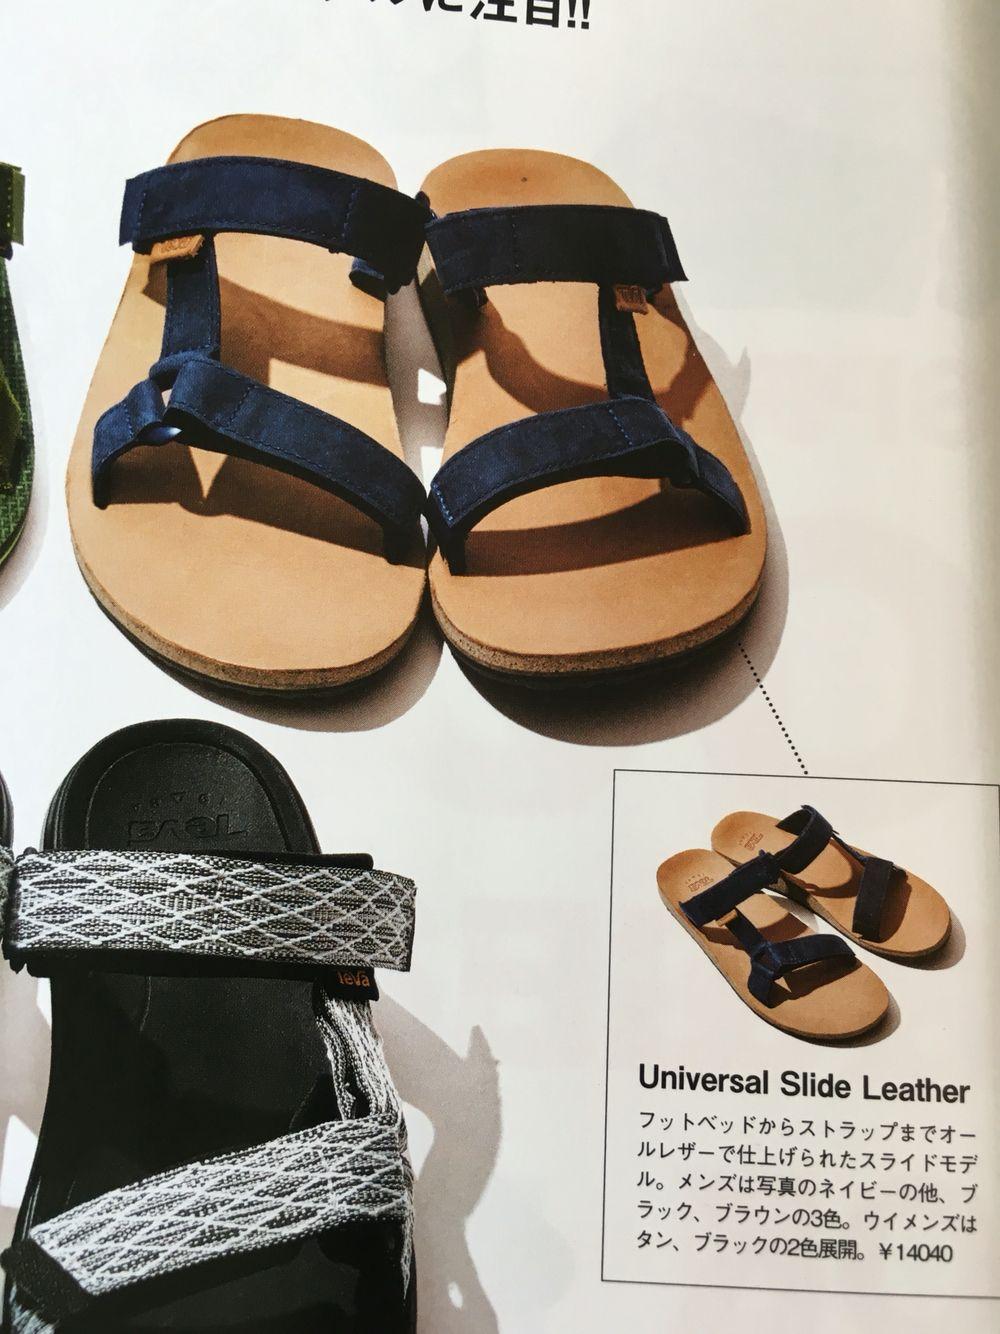 Teva Universal Slide Leather